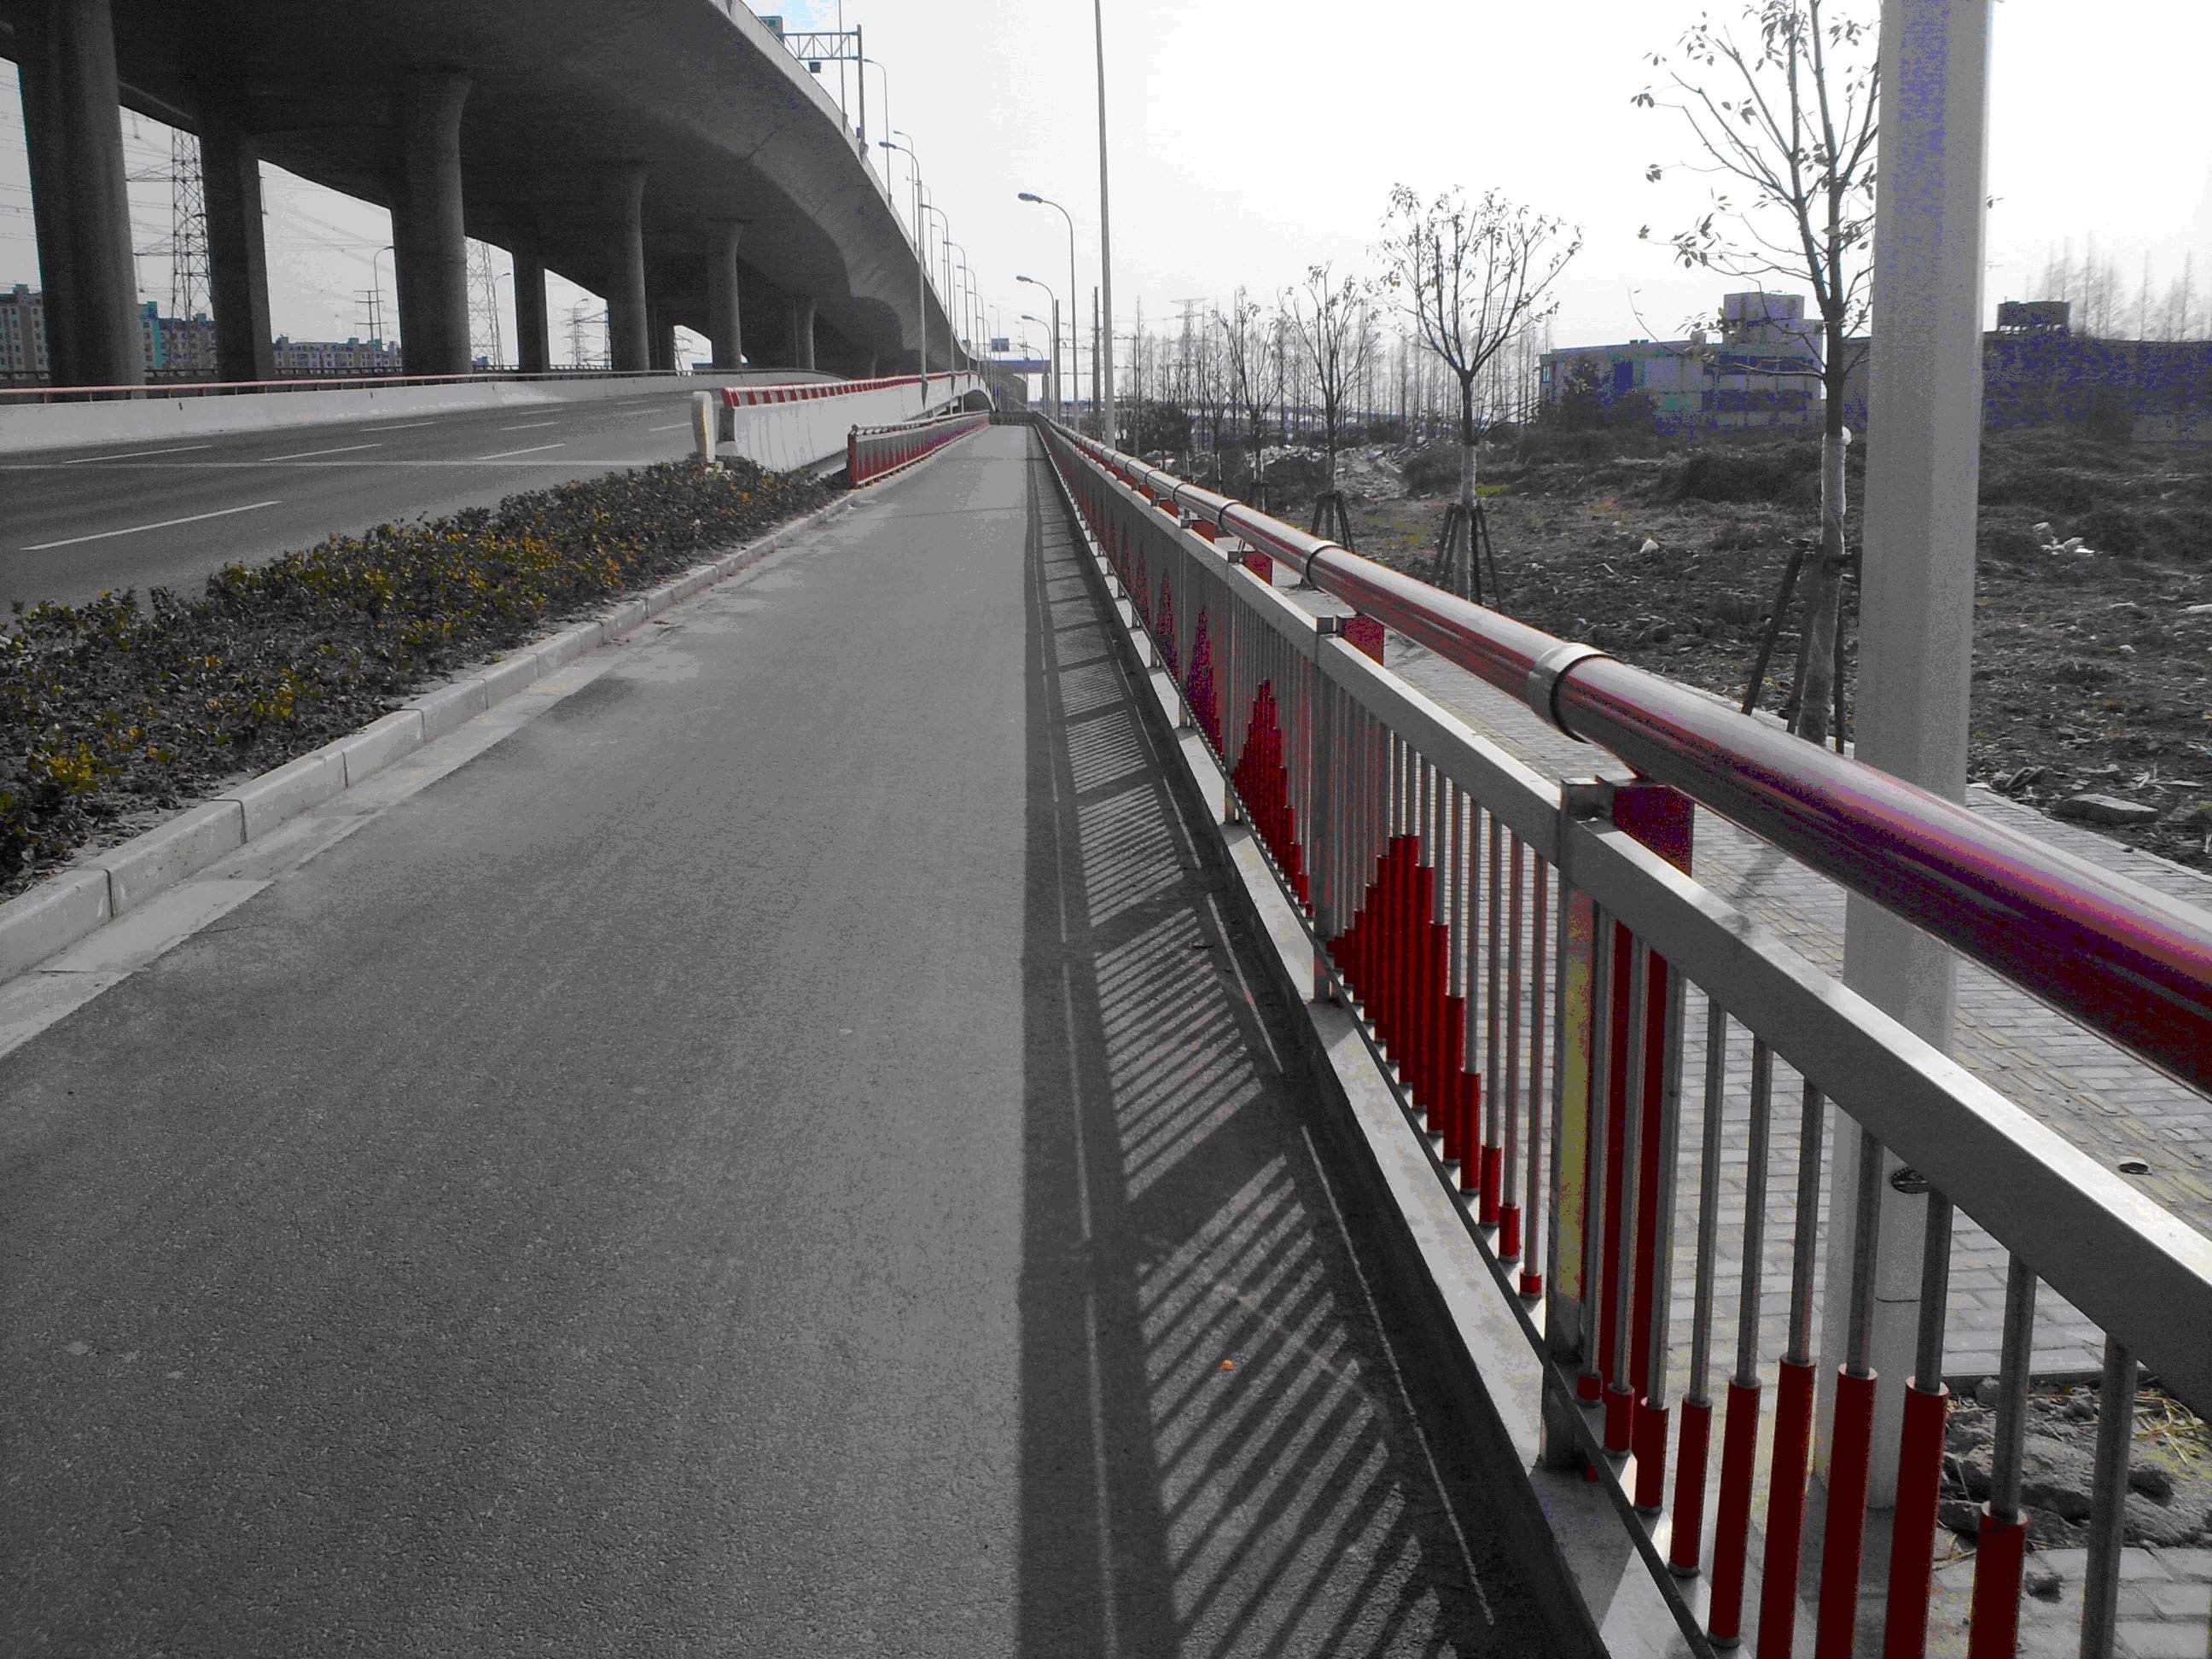 工程位于浦东新区张江高科技园区核心区东南角,南接中环线(浦东段)申江路立交,北至规划三路(紫薇路),是中环线东段的起始段,工程全长约2.1km,规划红线宽度70m。采用高架快速路+地面主干路总体布置形式,高架道路等级为城市快速路,地面道路等级为城市主干路级。本项目工程建设费用为50221万元(不含动拆迁费用),其中:建安费用41588万元。